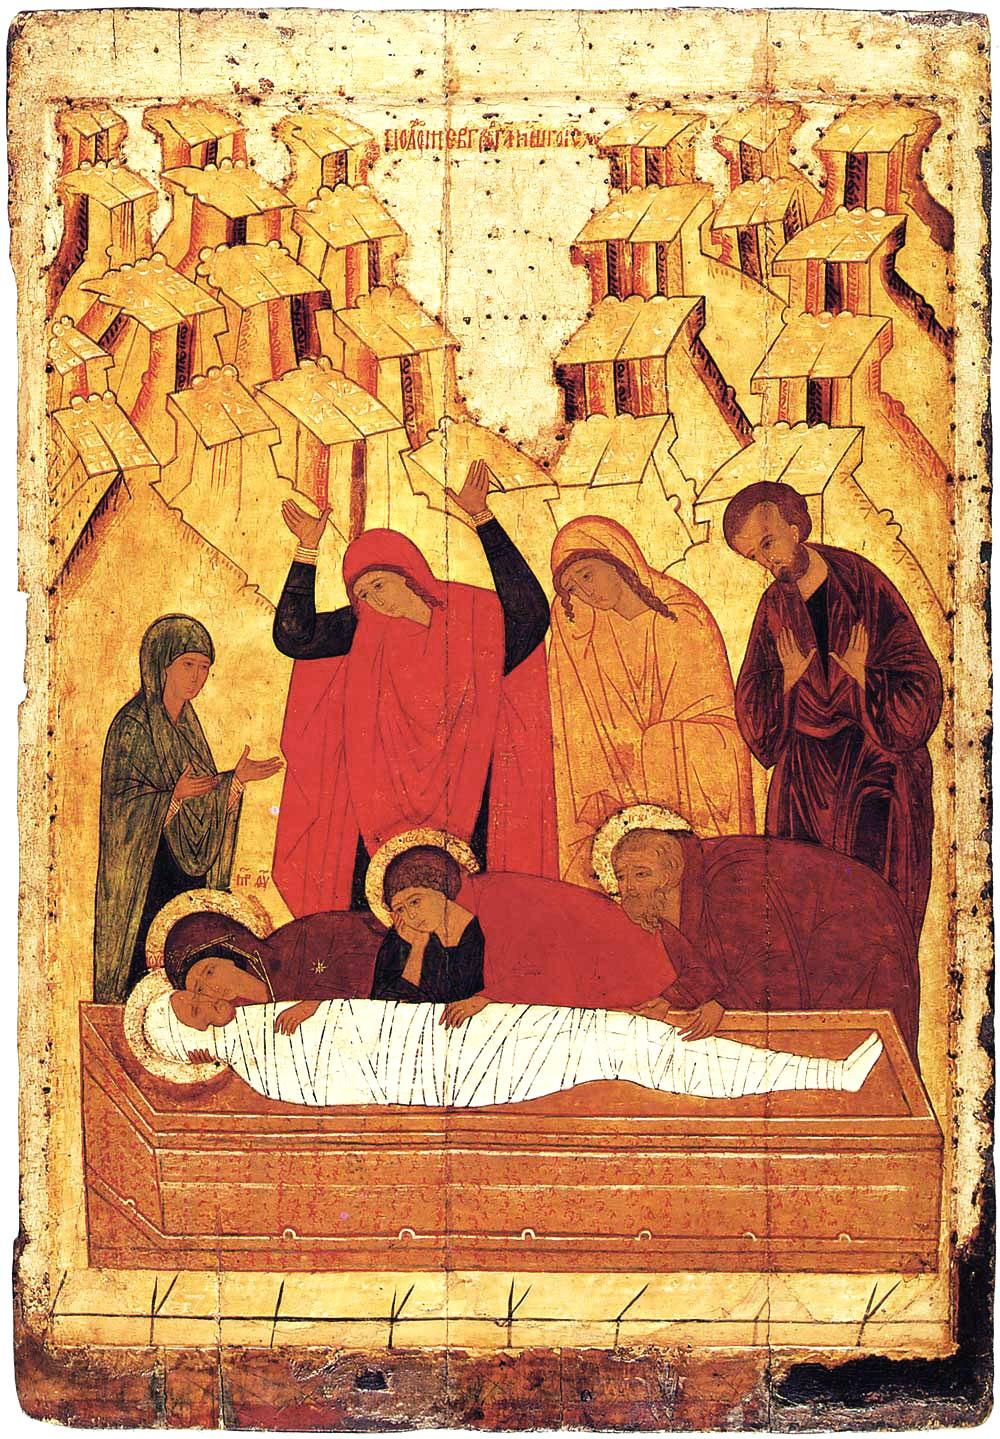 Полагање у гроб, XV век, Ростовска икона. Музеј Старе руске уметности